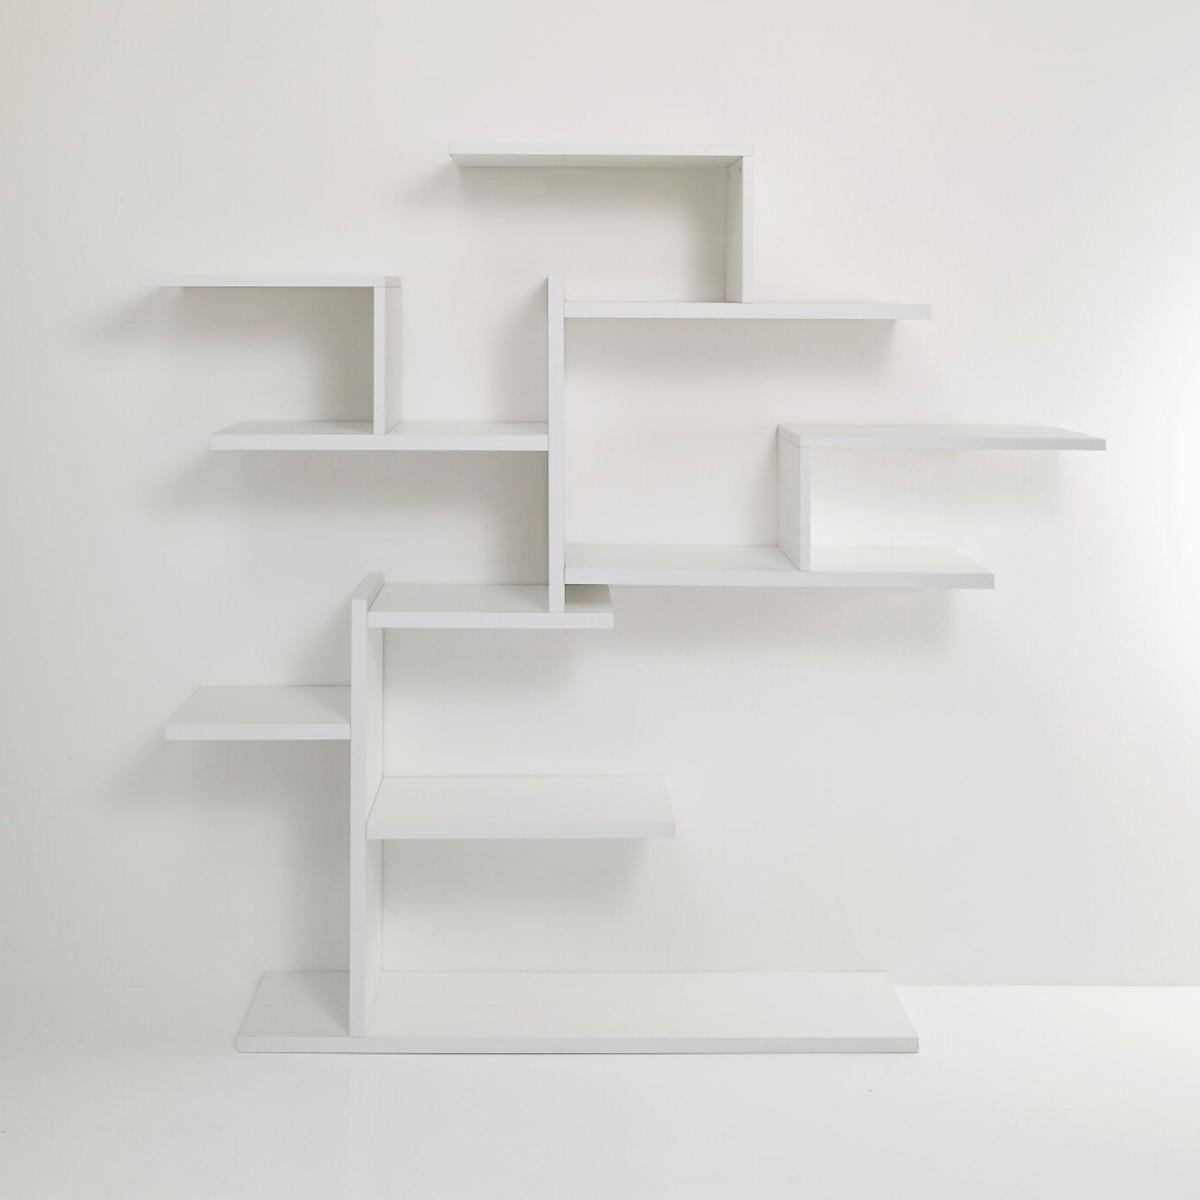 Libreria ad albero da parete in legno bianco 150 x 160 cm ...